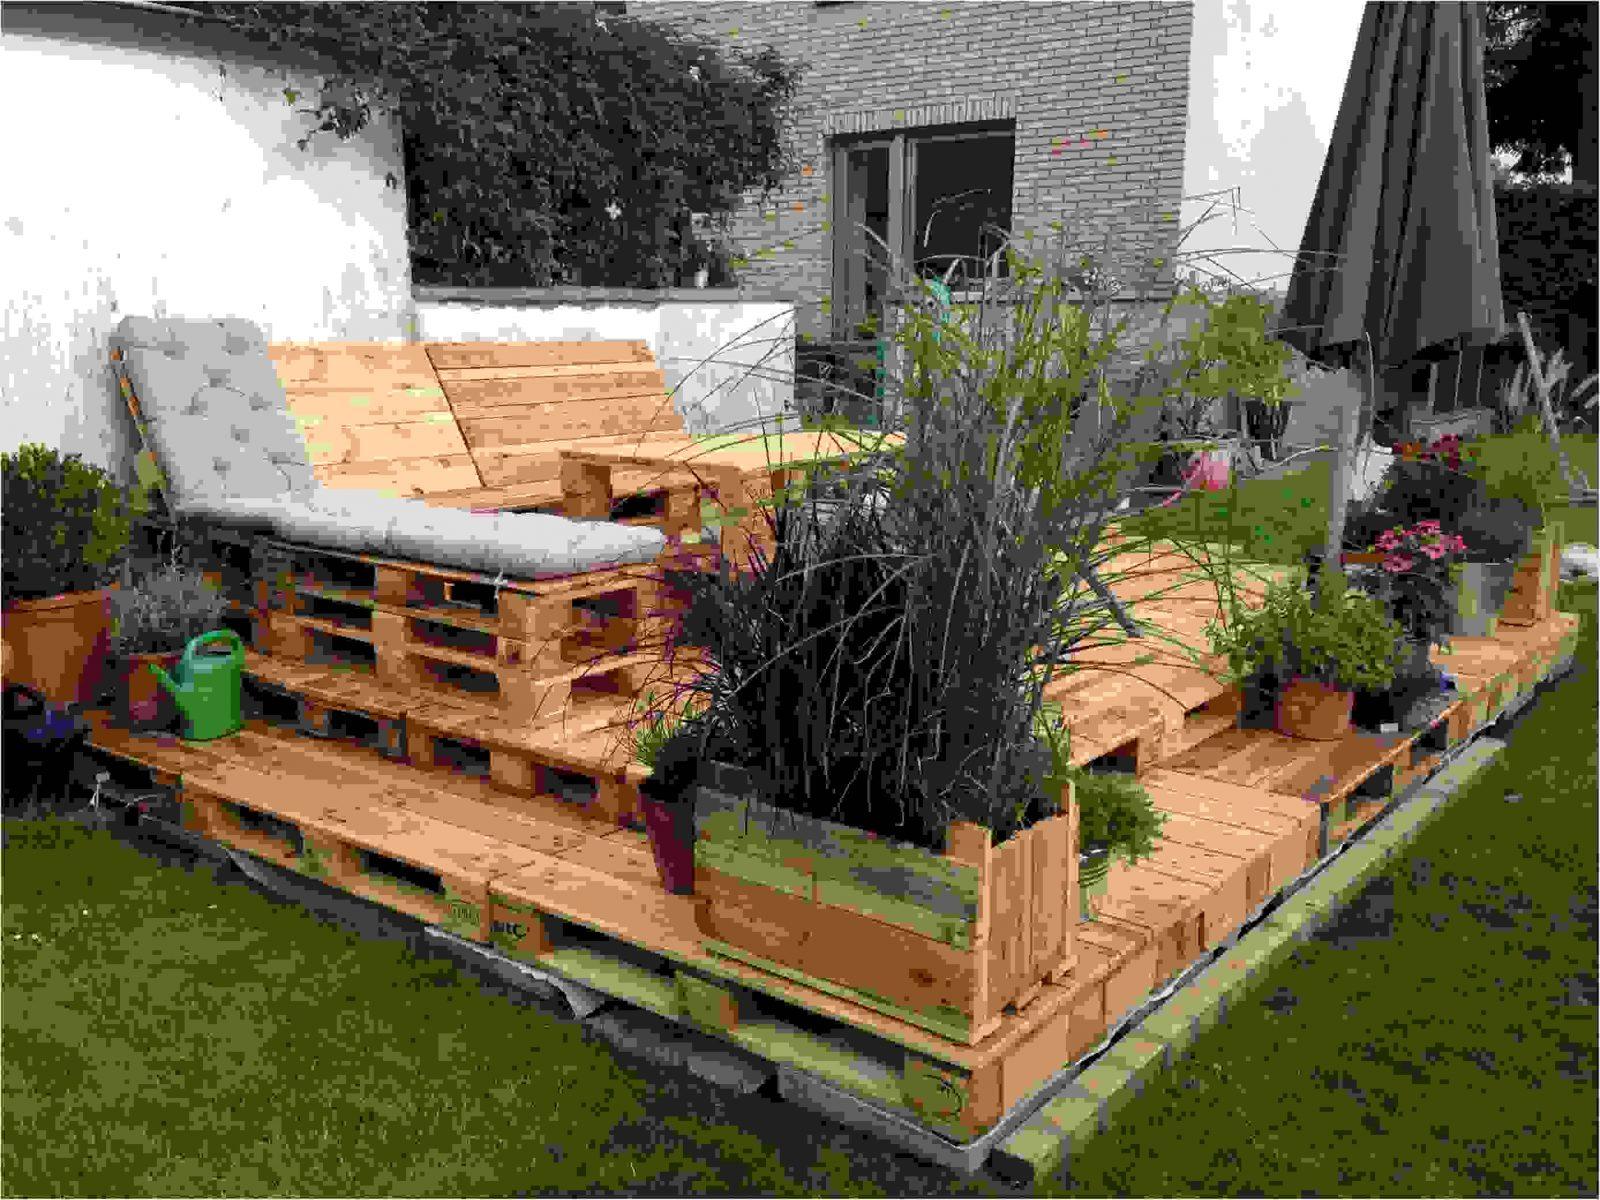 Kreativer Sichtschutz Fr Den Garten Full Size Of Sichtschutz von Kreativer Sichtschutz Selber Bauen Bild